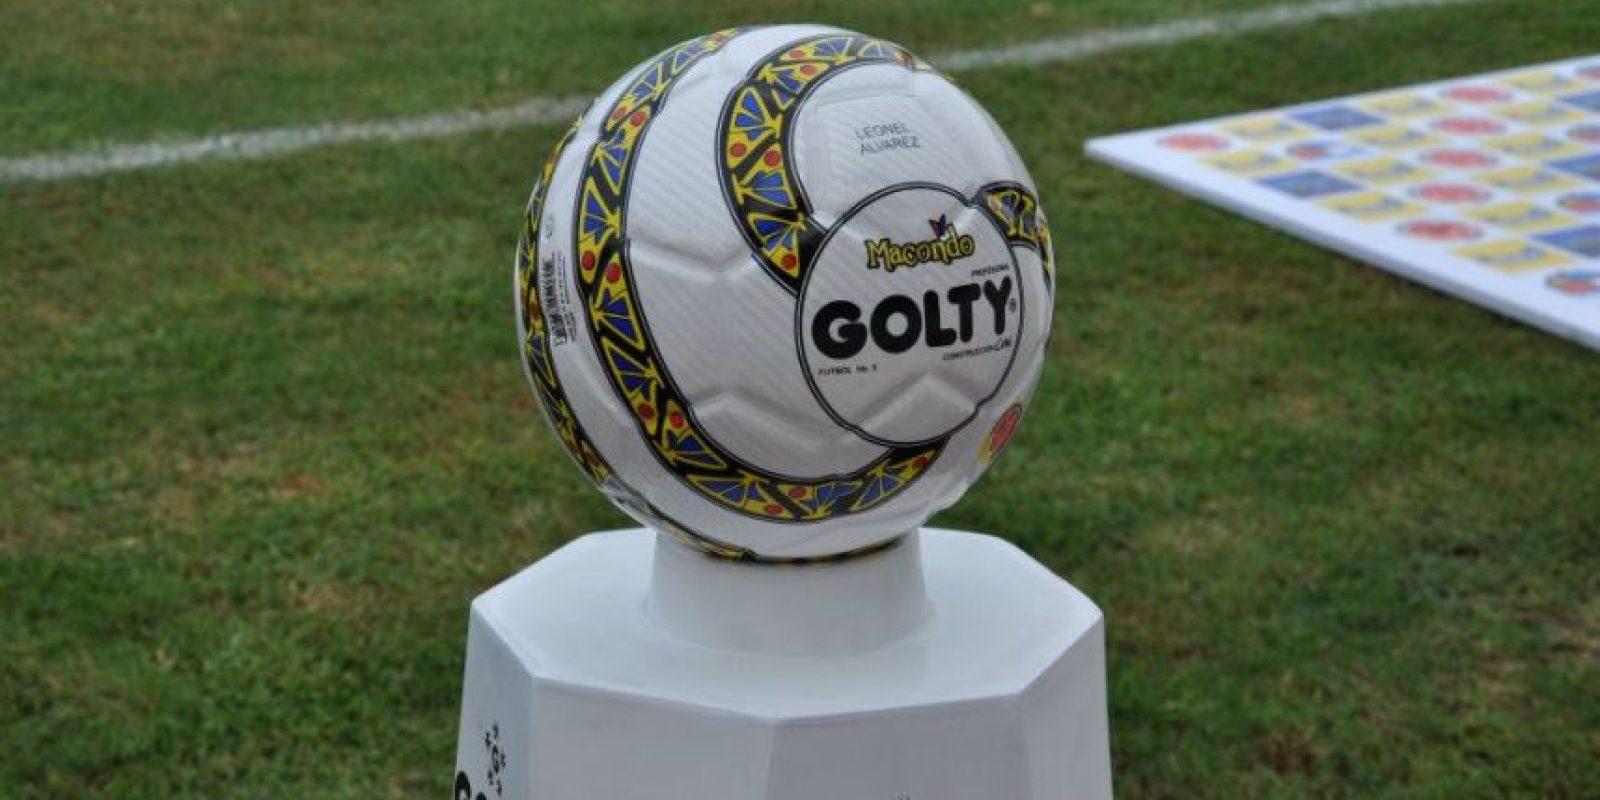 Golty Macondo. Balón oficial de la selección Colombia desde 2011. Foto:Golty